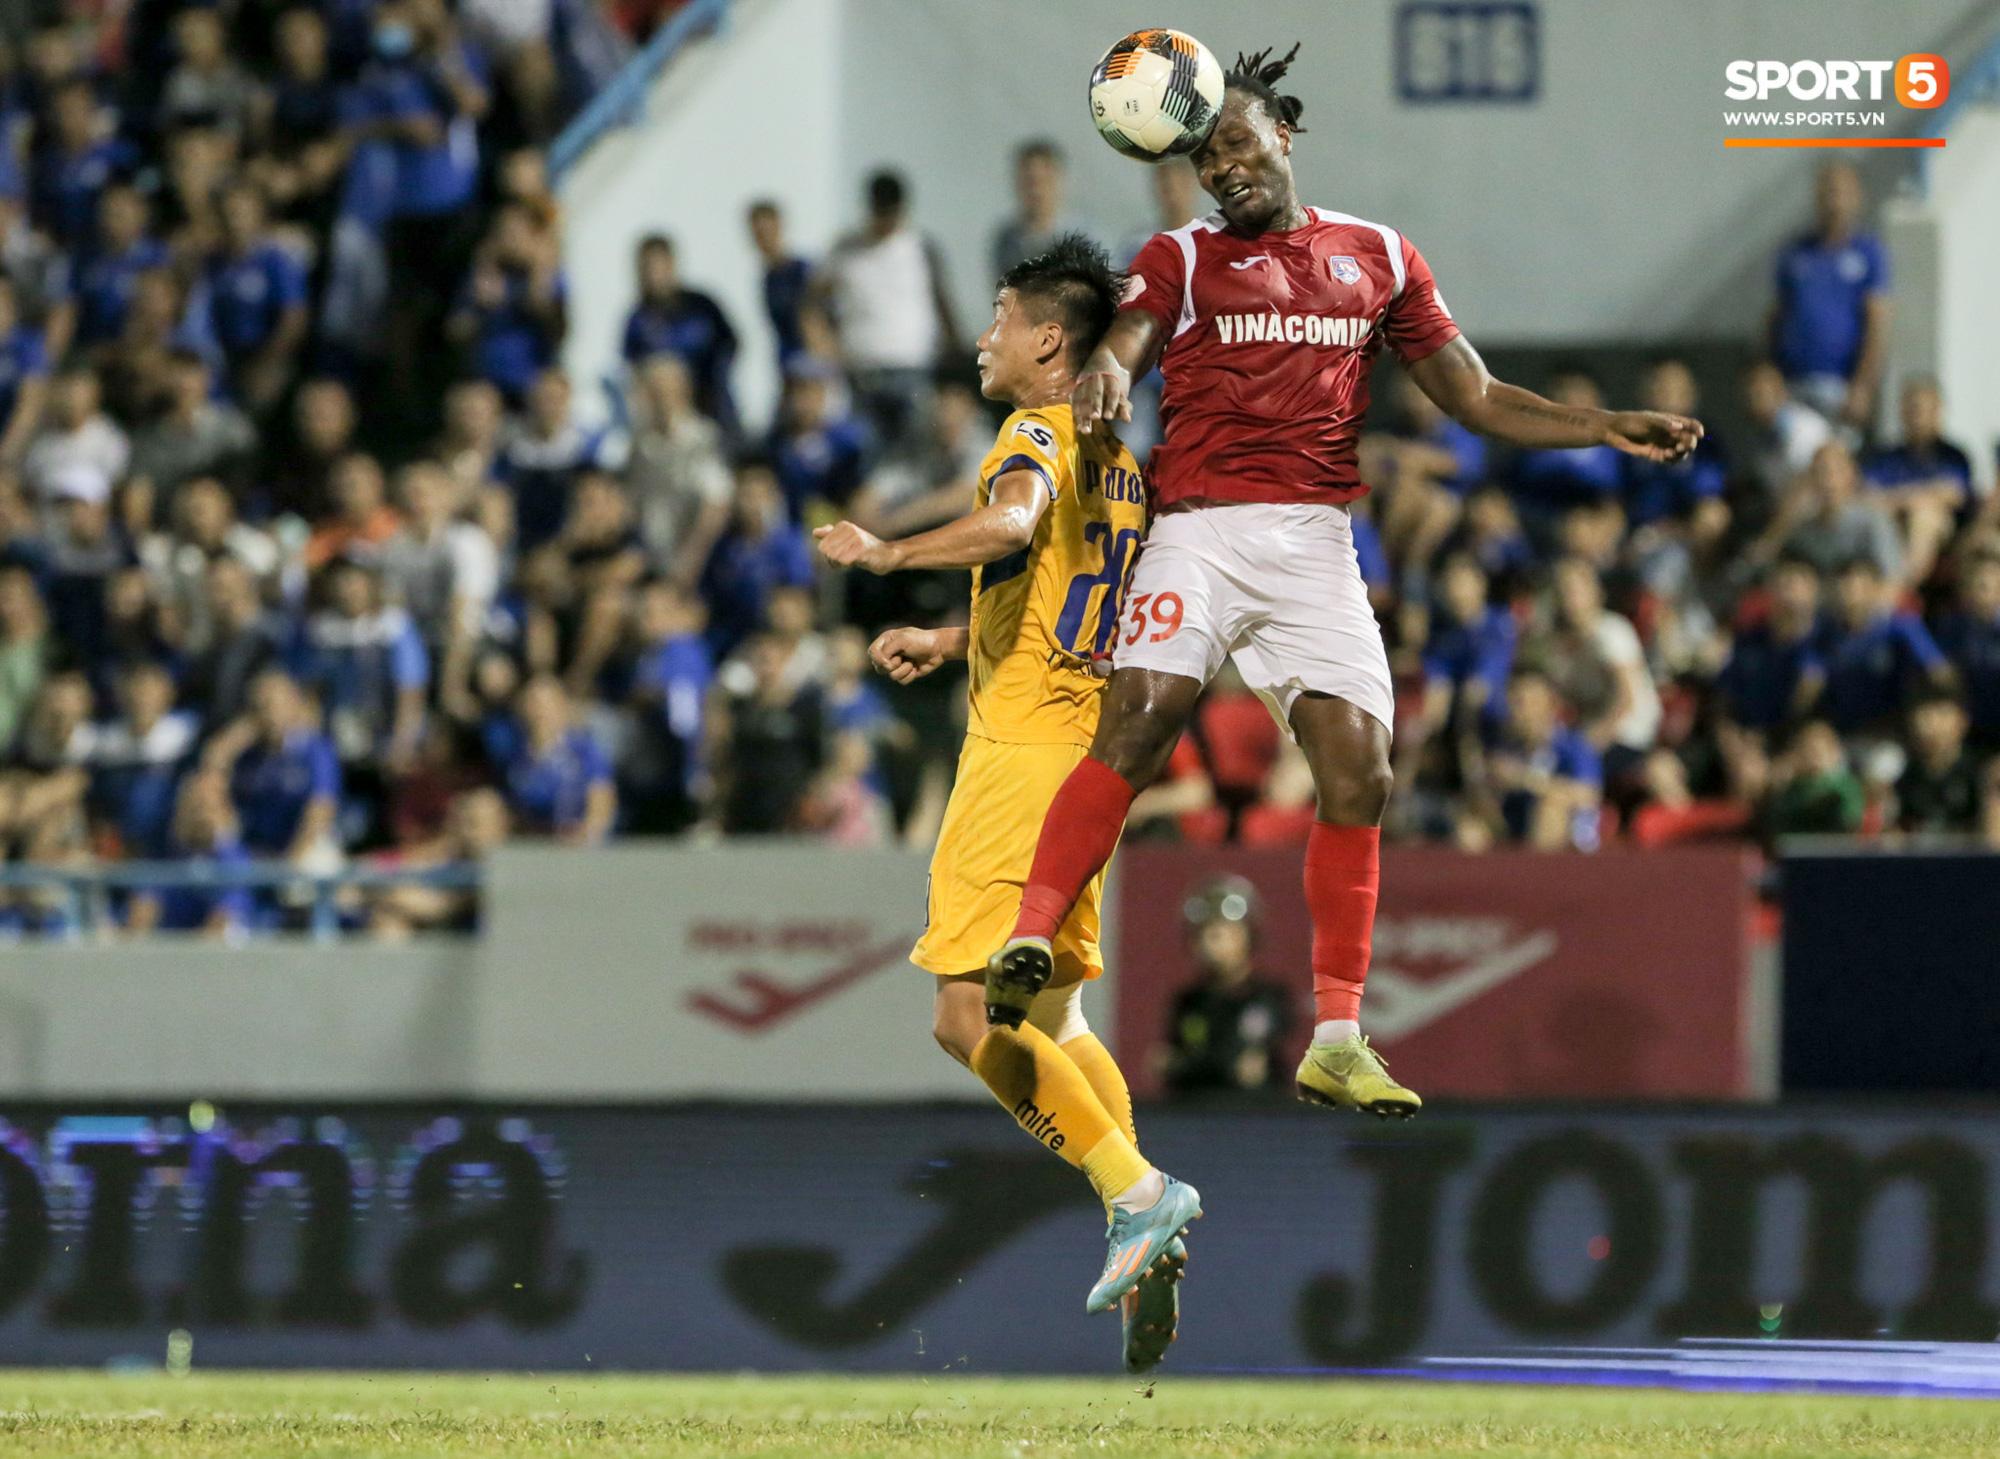 Phan Văn Đức lấy vội điện thoại để xem điều này sau trận thứ 6 không thắng tại V.League 2020 - Ảnh 6.